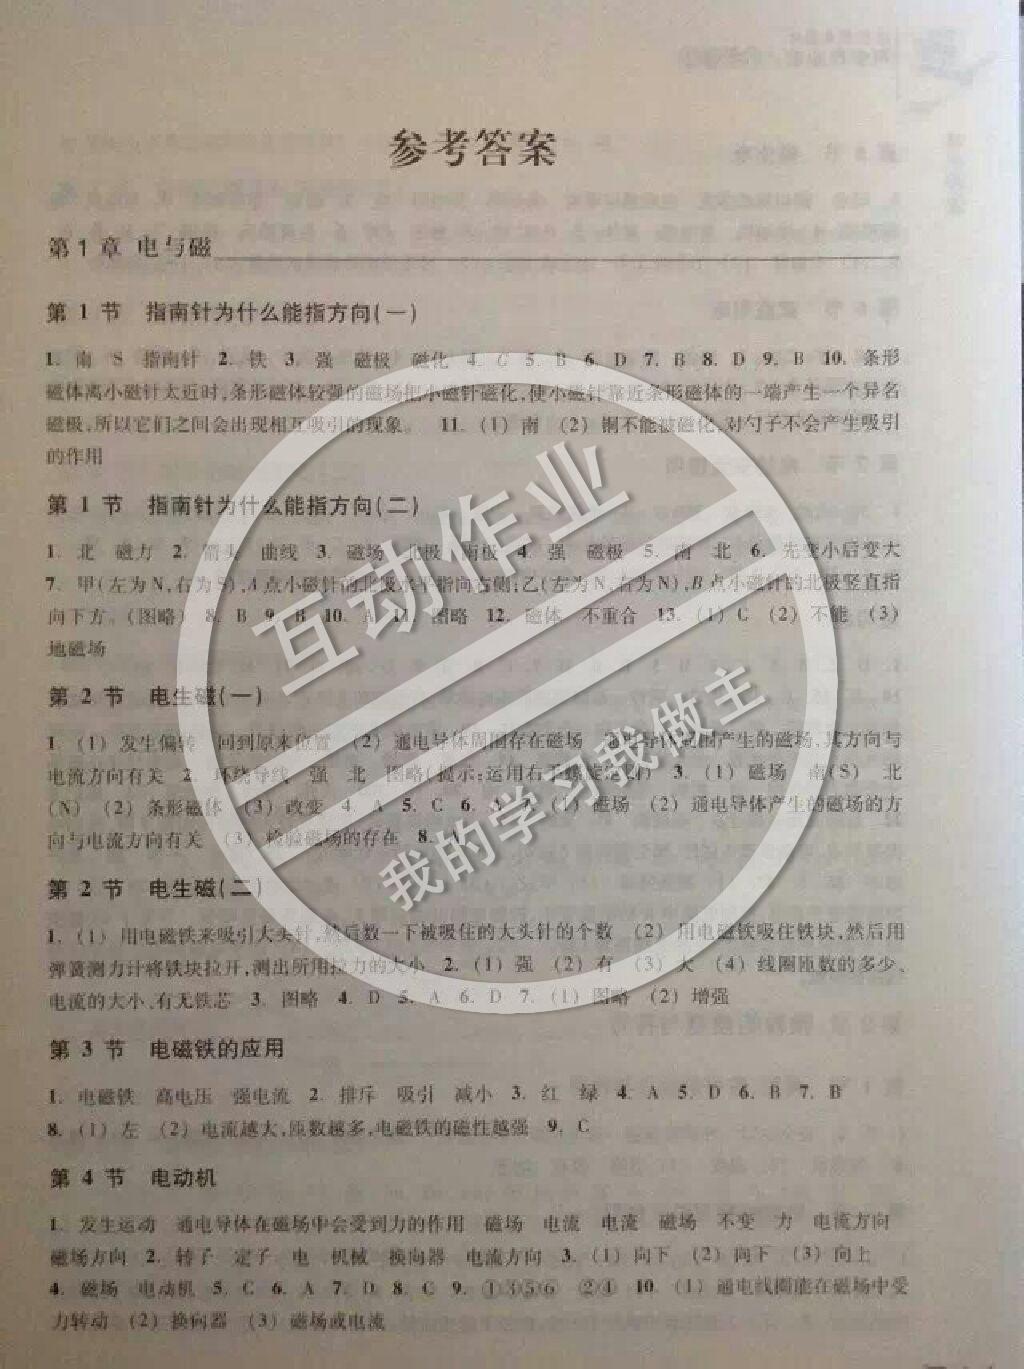 2015年作业本八年级科学下册浙教版第1页